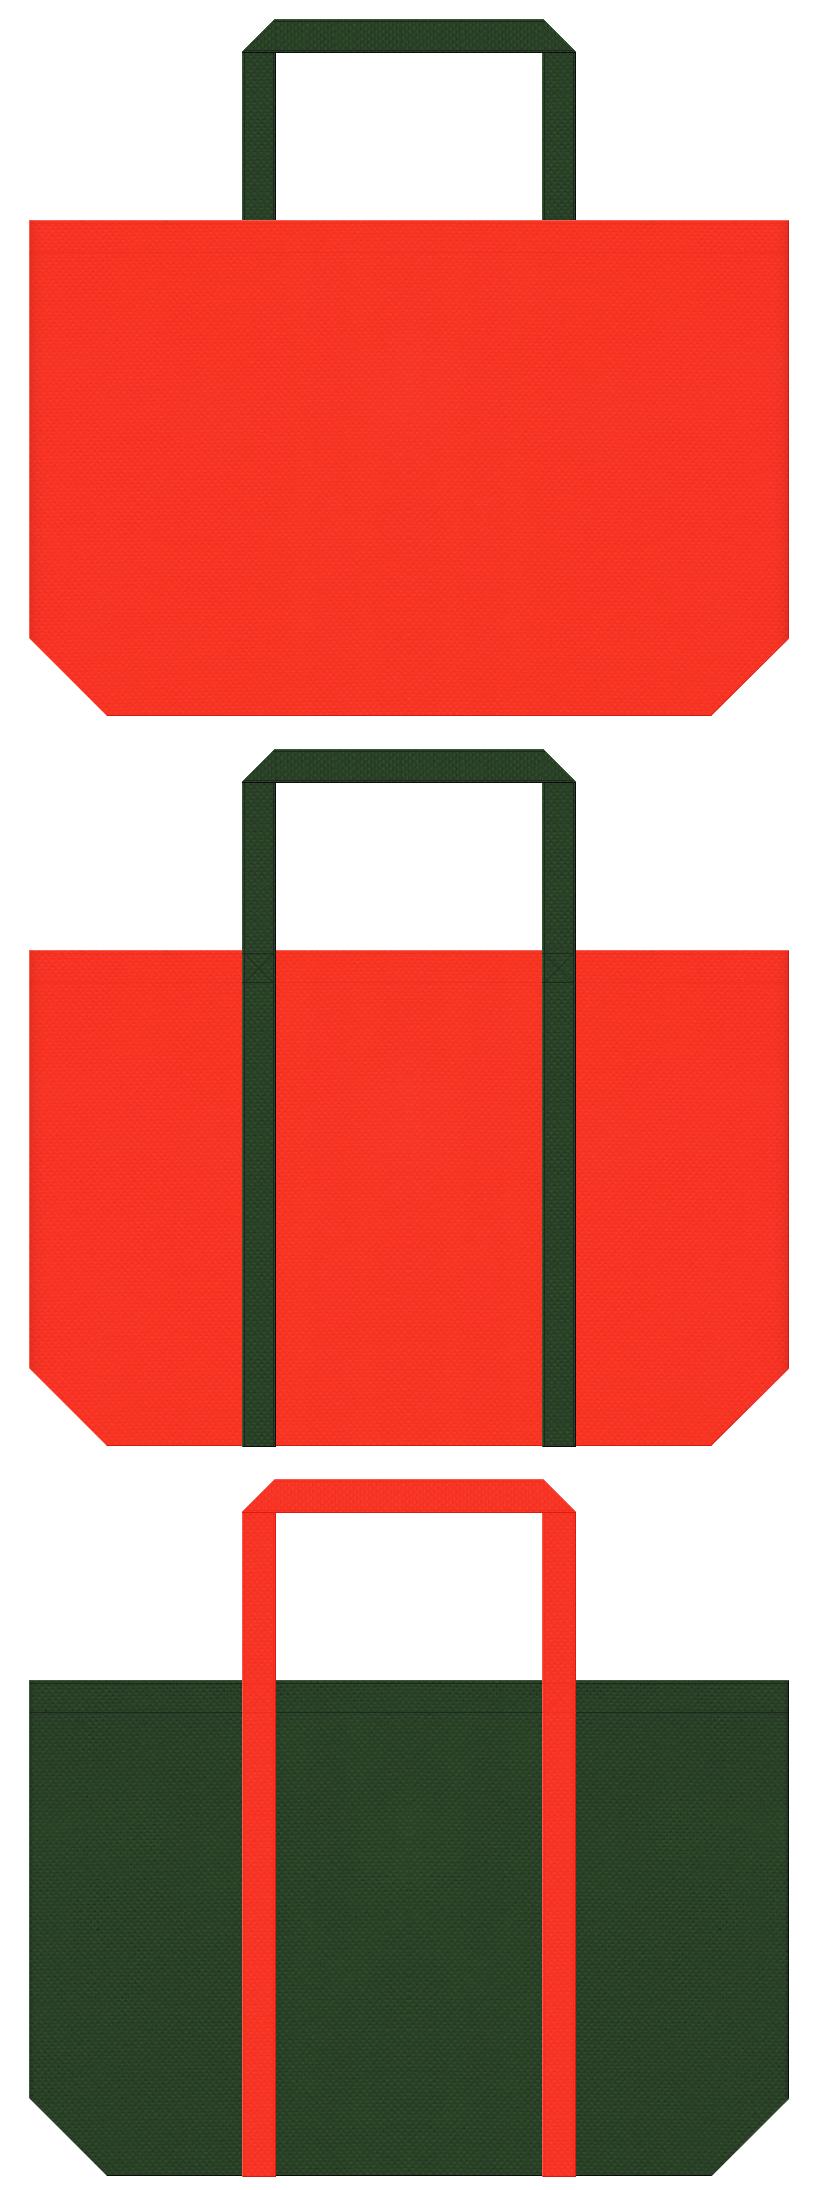 バーベキュー・登山・アウトドア・キャンプ用品・産直市場のショッピングバッグ・かぼちゃ・にんじん・柿・野菜ジュース・野菜の販促ツール・ノベルティにお奨めの不織布バッグデザイン:オレンジ色と濃緑色のコーデ